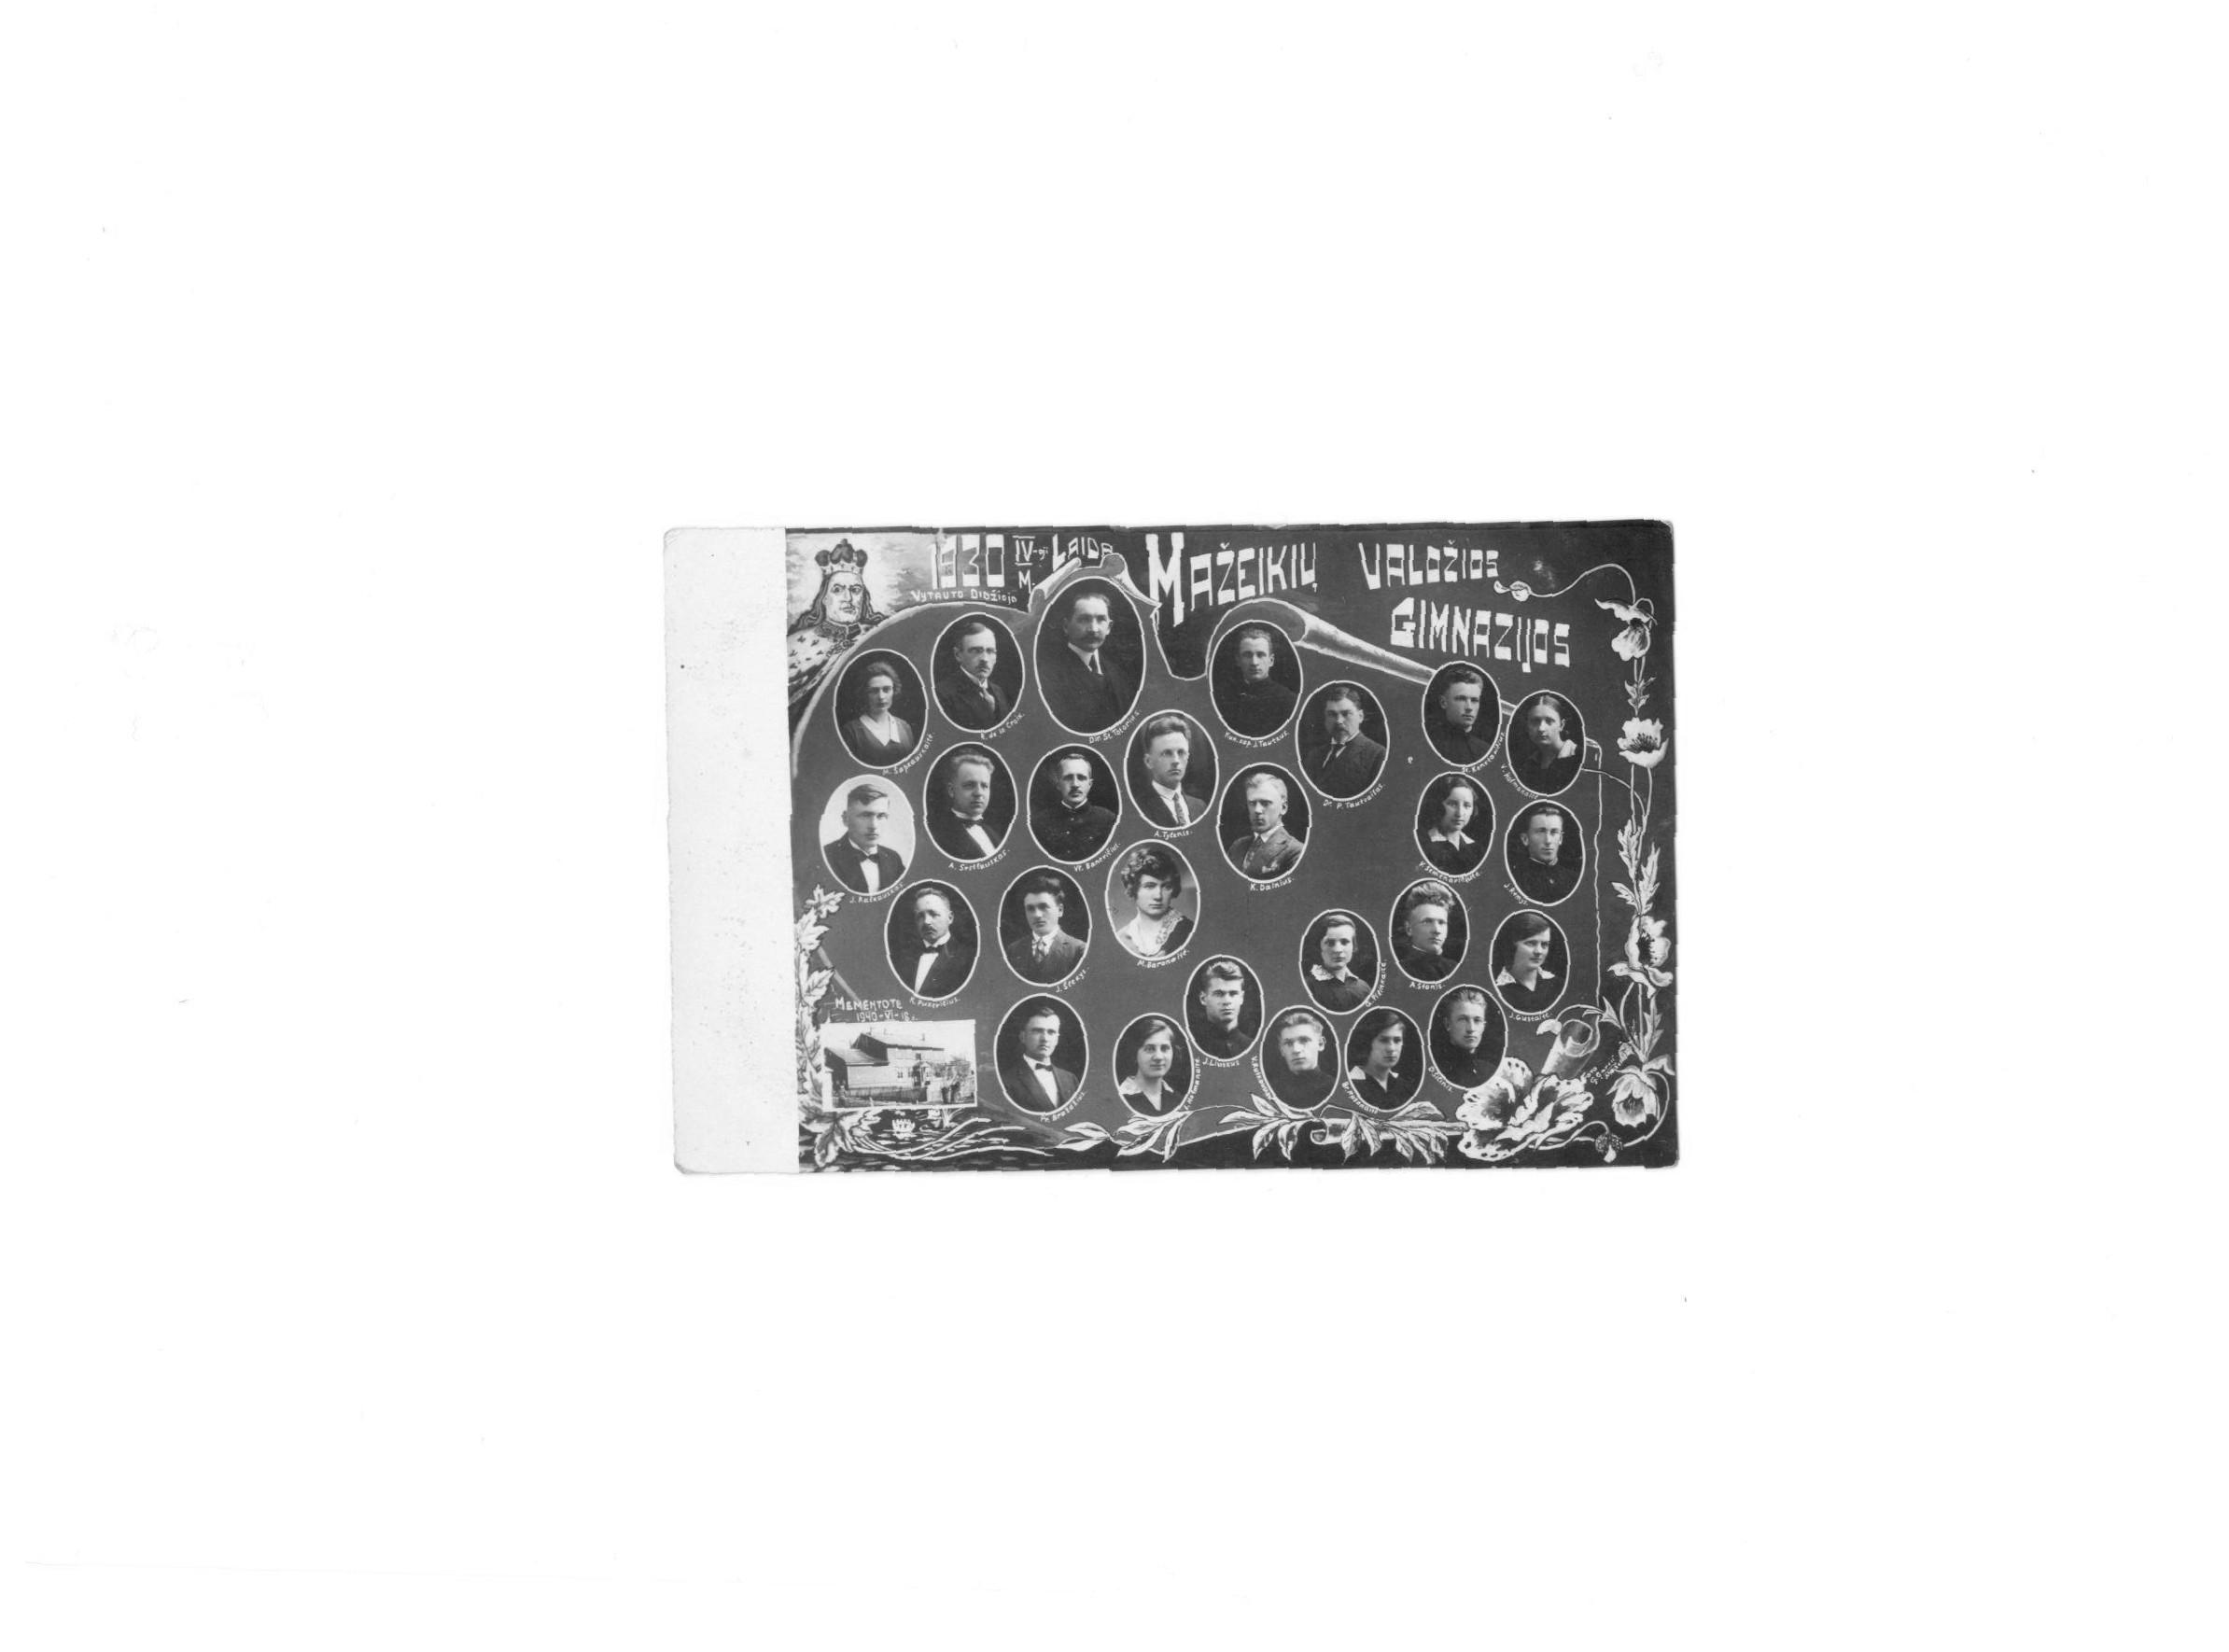 Vinjetės nuotrauka iš Vytauto Pupšio asmeninio archyvo